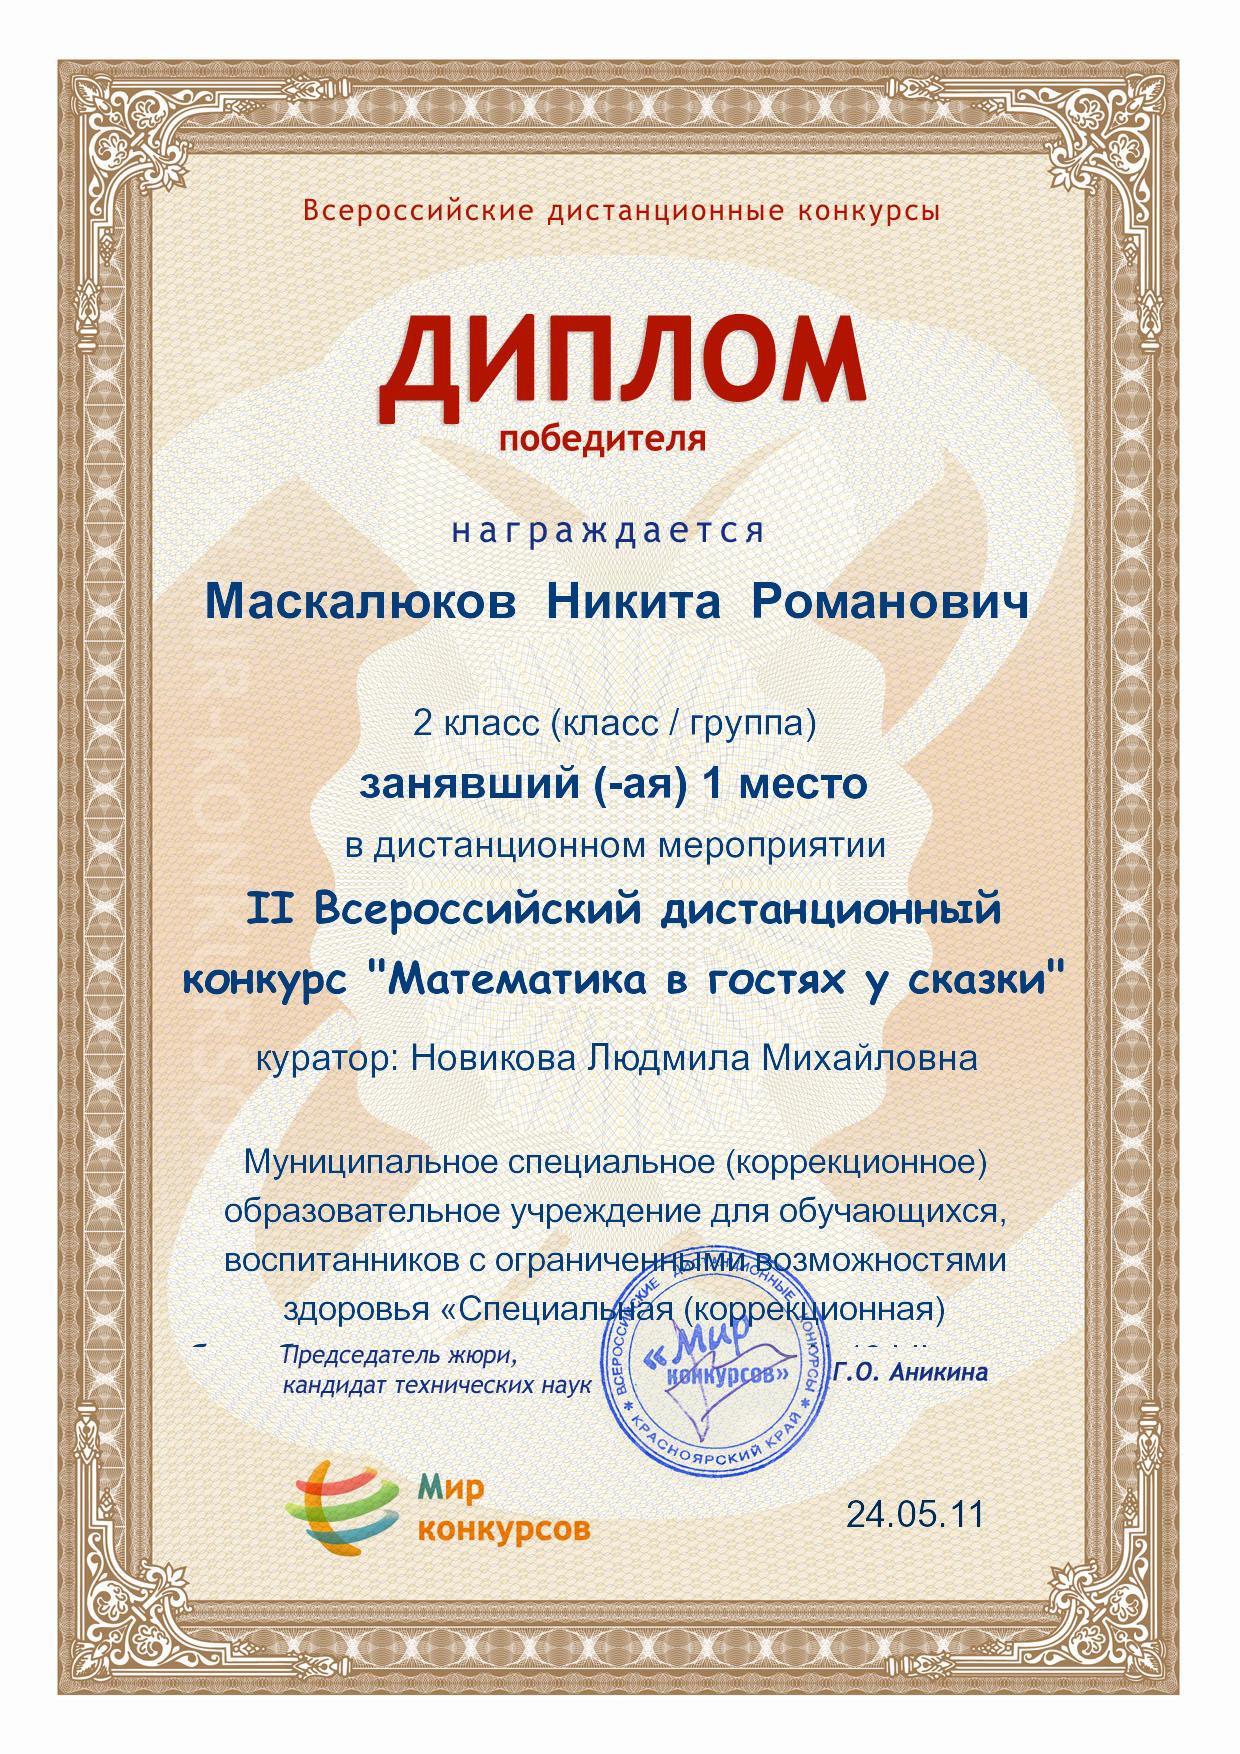 Аникина ирина сергеевна конкурсы